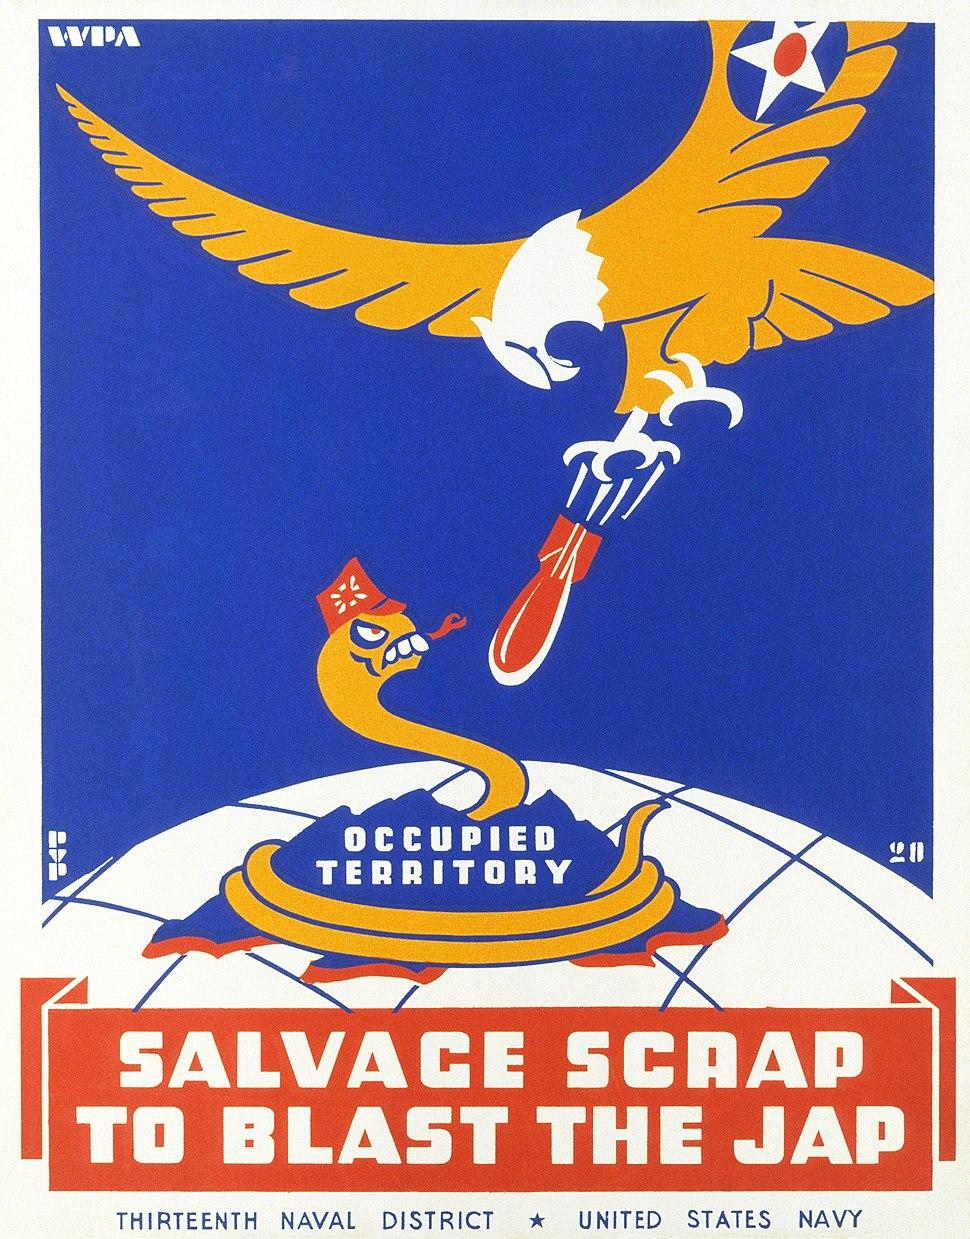 Salvage Scrap propaganda poster crop2.jpg